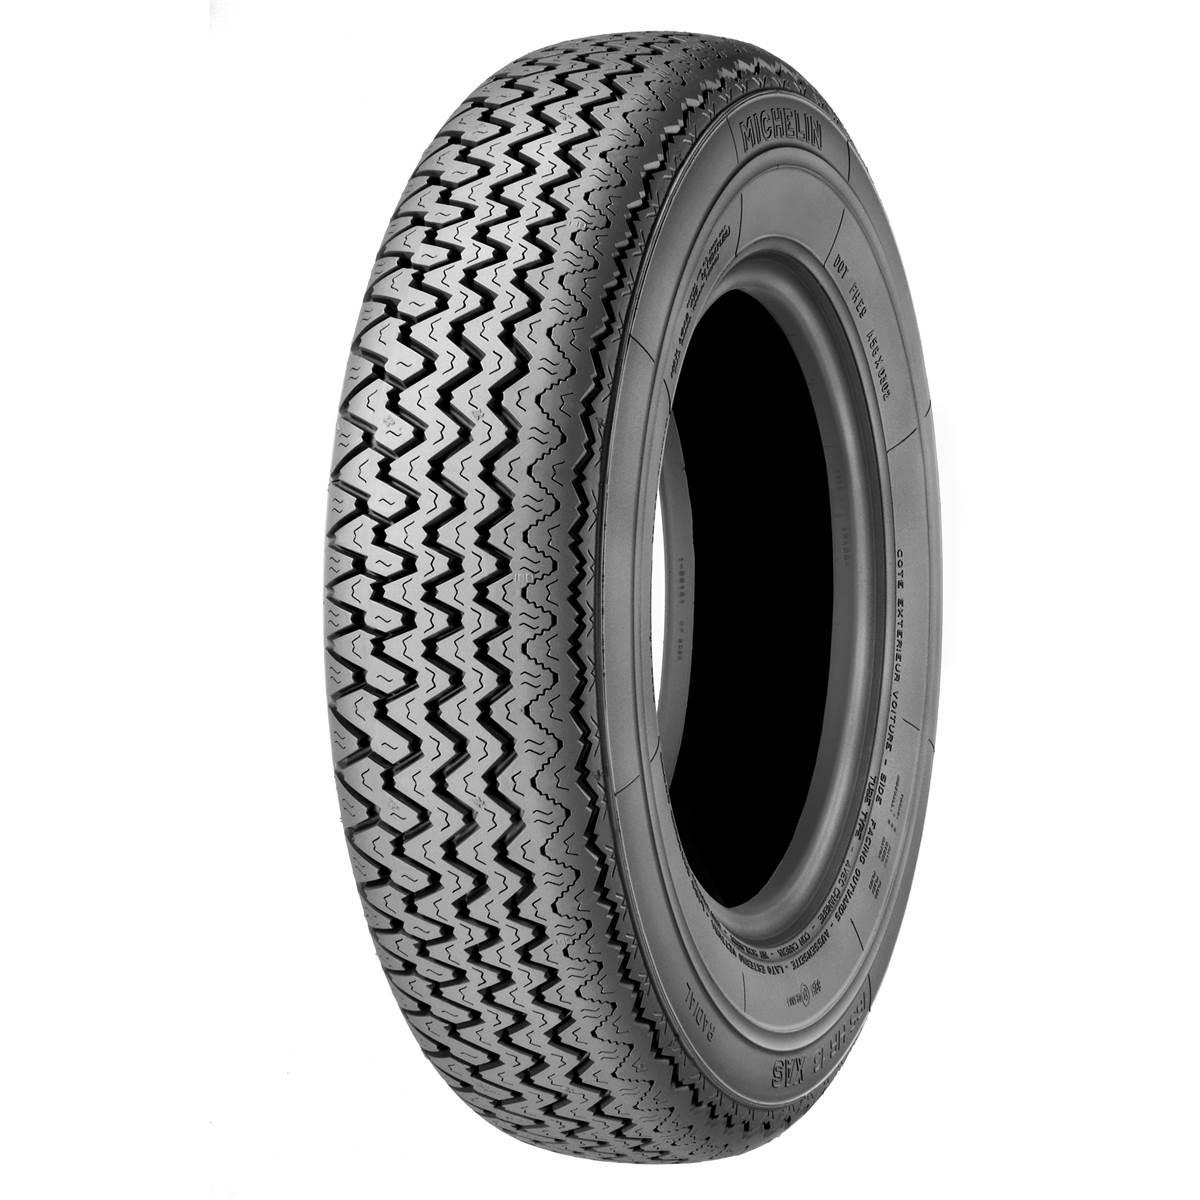 Pneu Michelin Collection 180/80R15 89H Xas